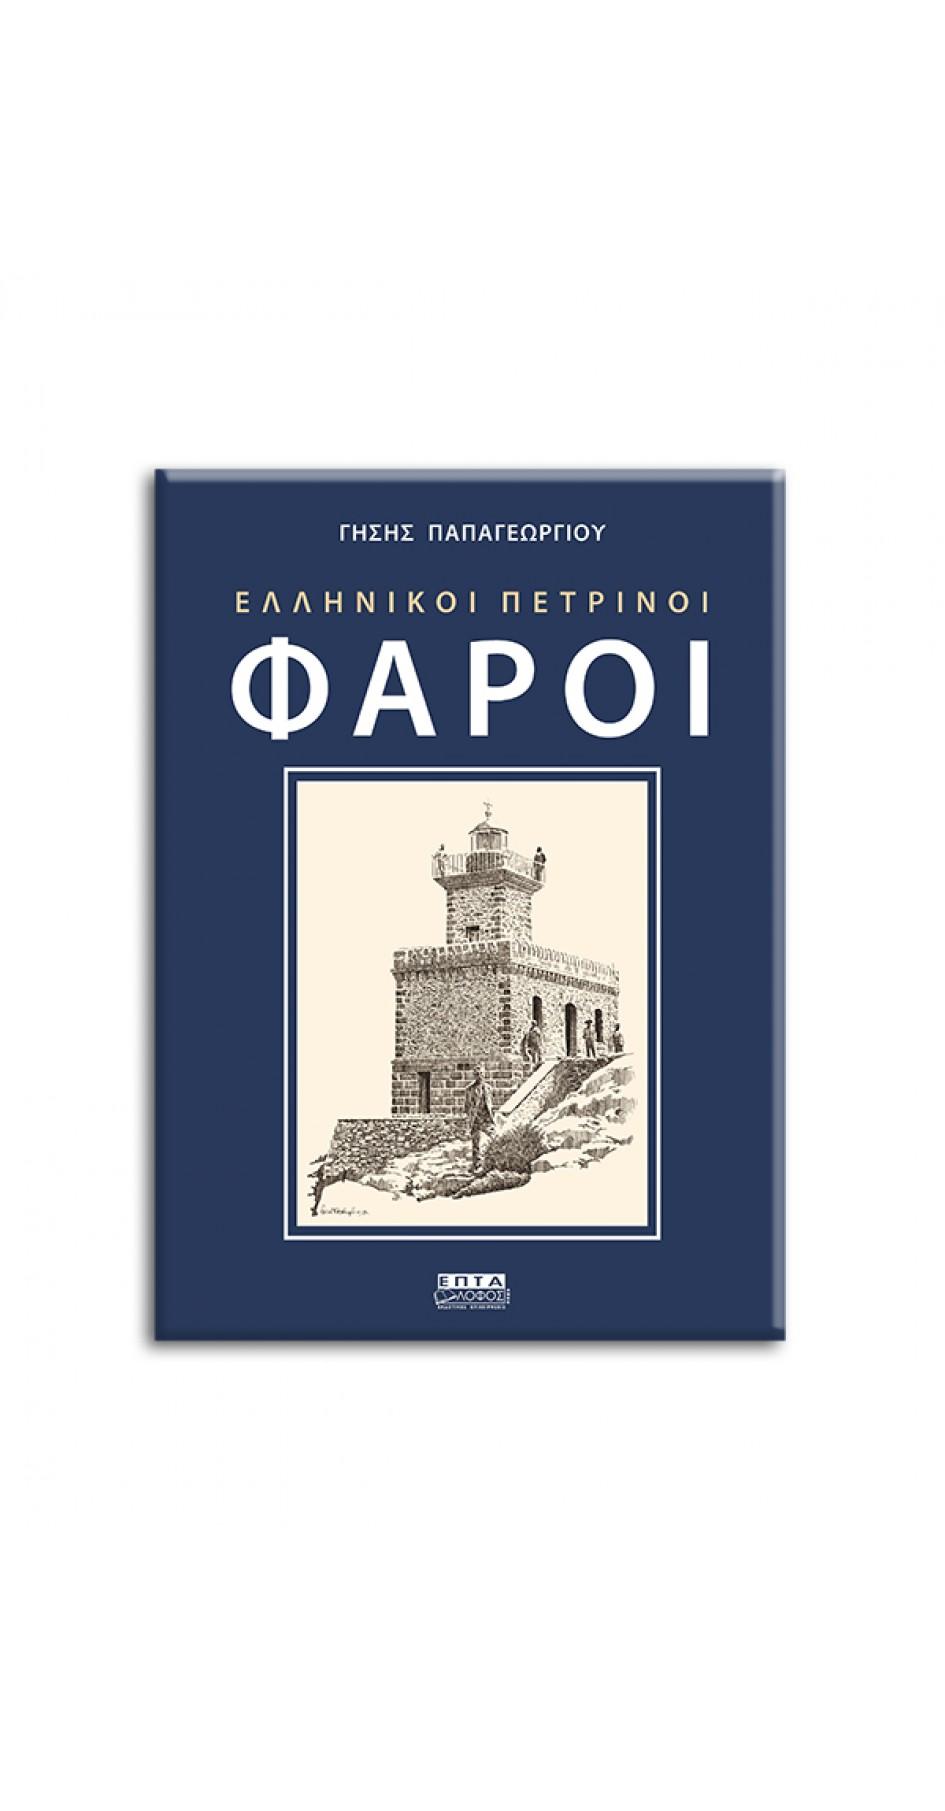 Ελληνικοί Πέτρινοι Φάροι (book in Greek)